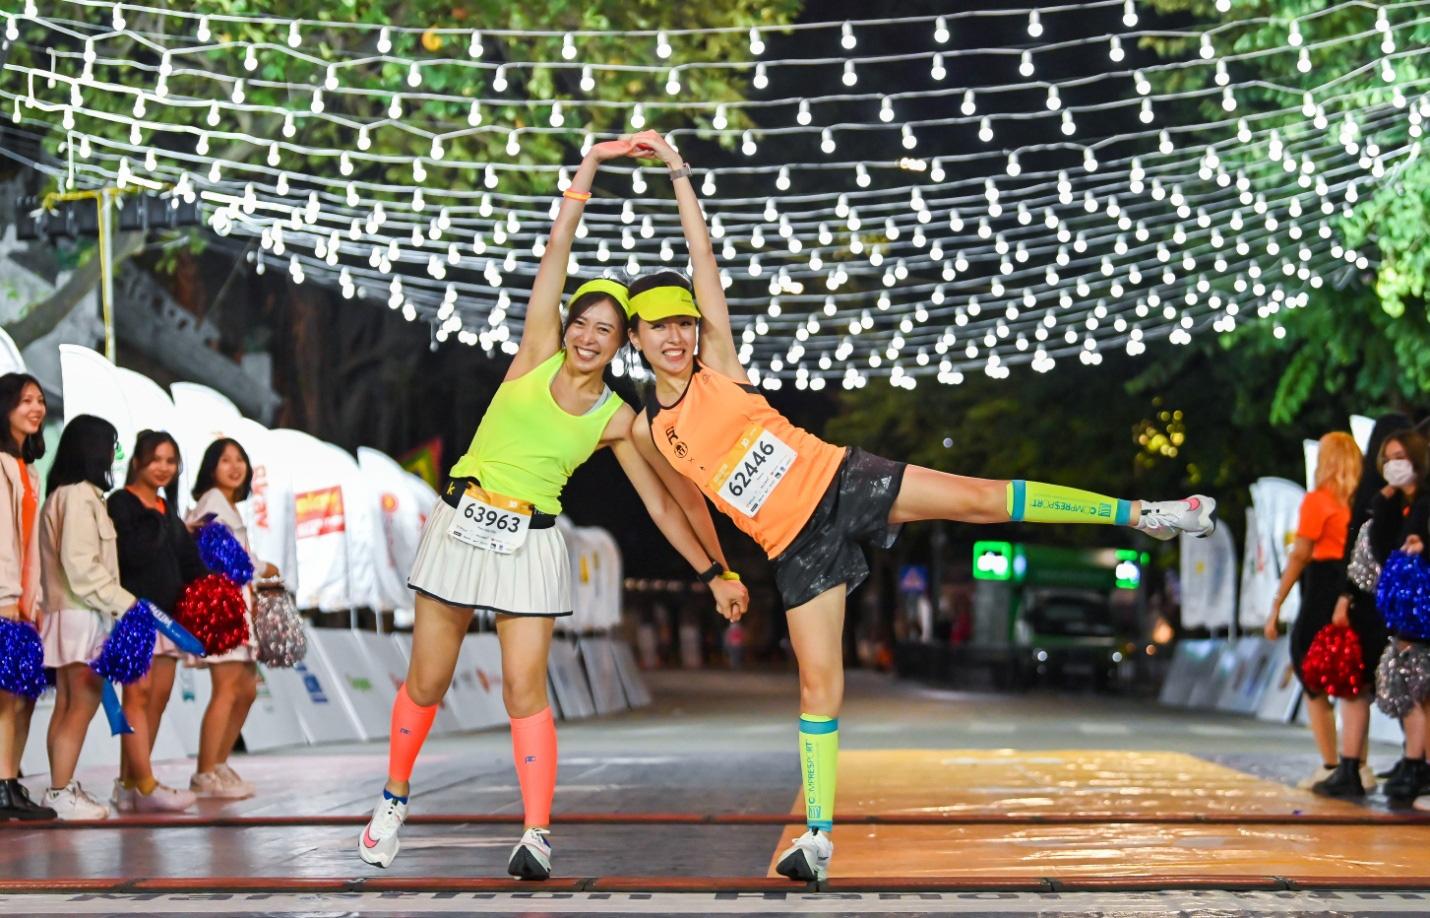 """Ngắm loạt """"trai xinh gái đẹp"""" trong giải chạy đêm lớn nhất tại Hà Nội - Ảnh 3."""